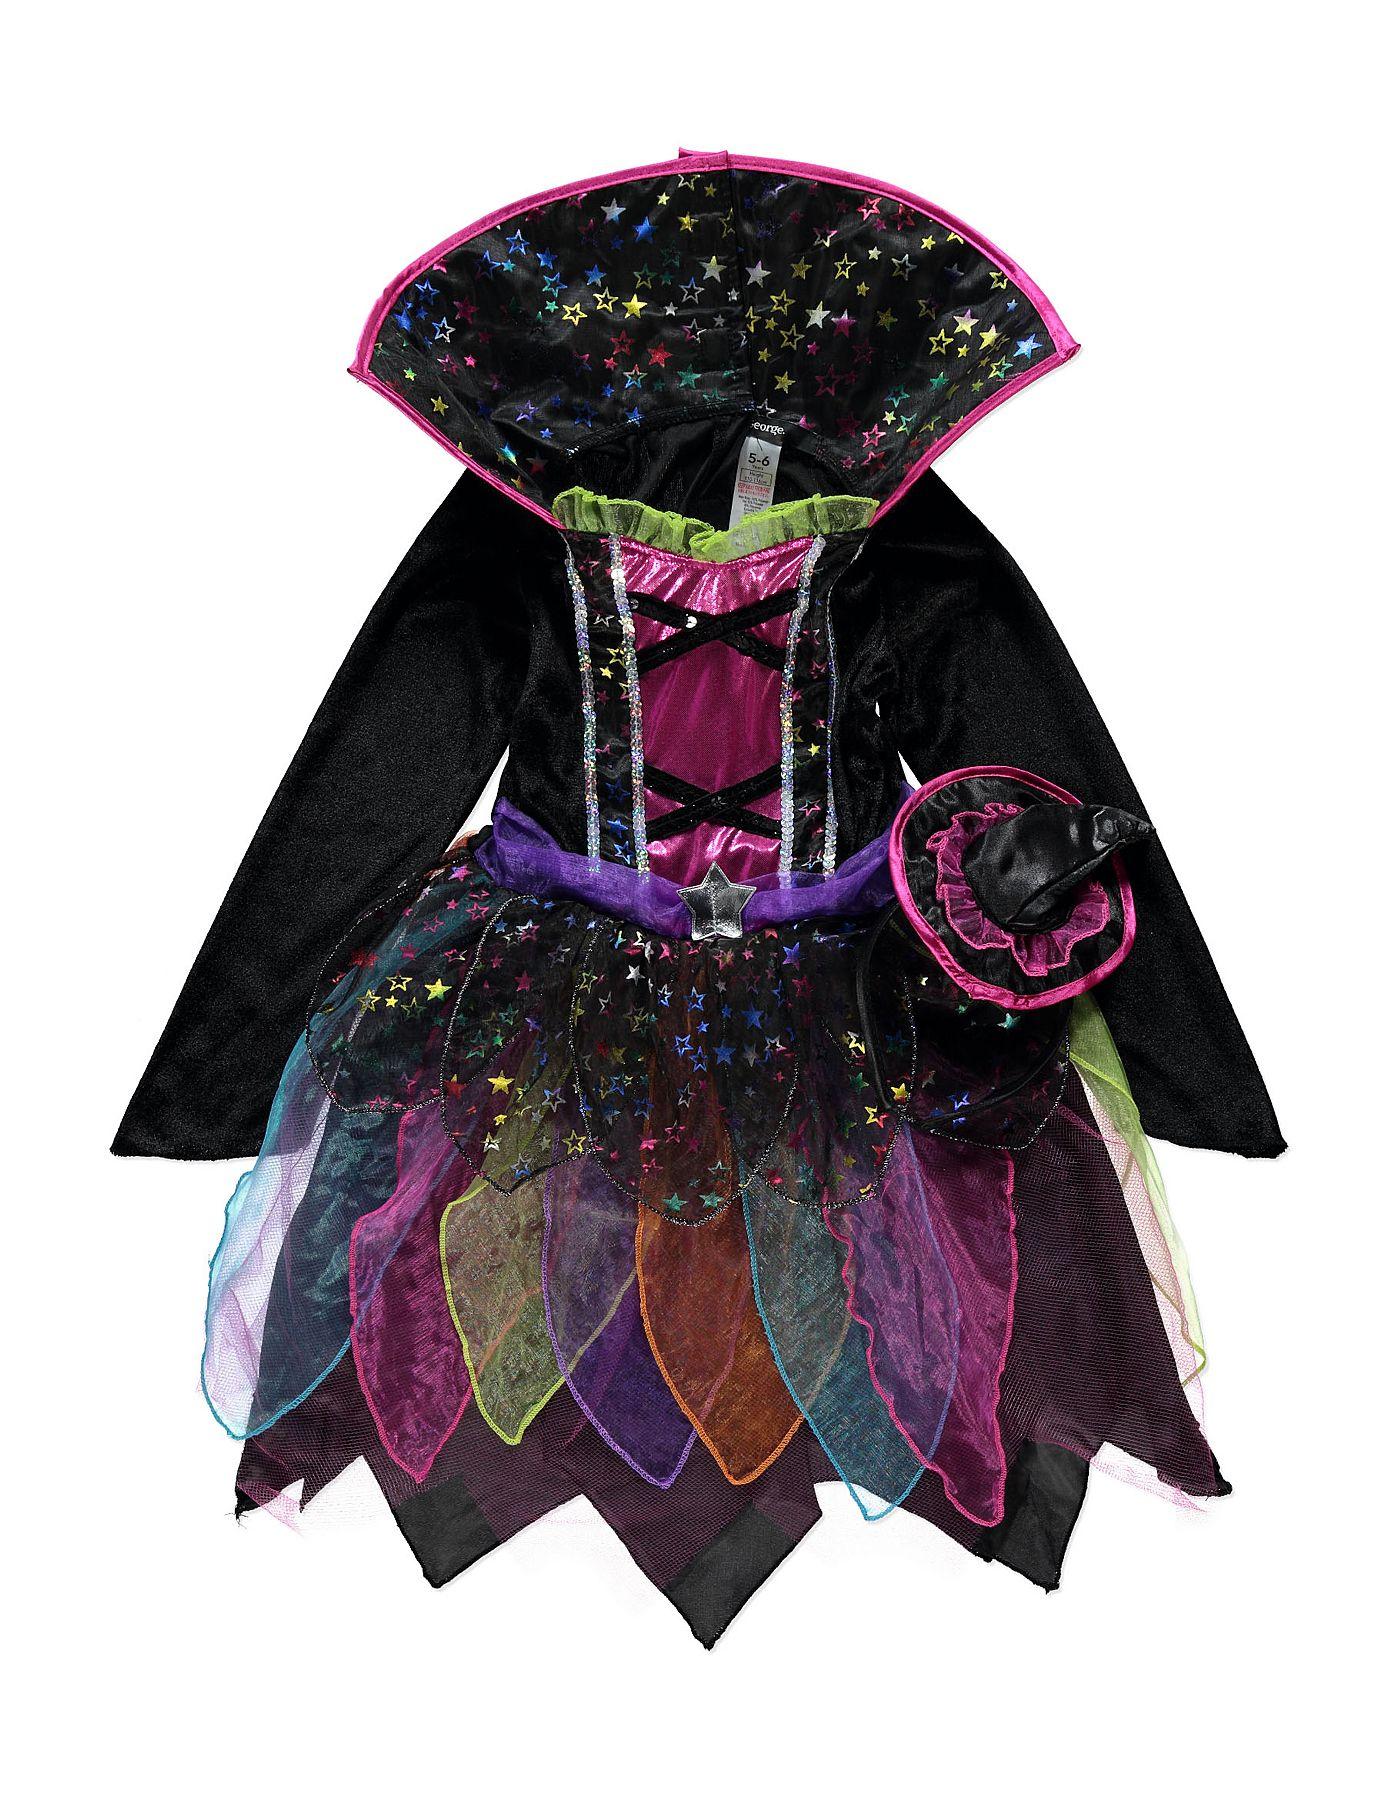 Fingerless gloves asda - Pirate Fancy Dress Costume